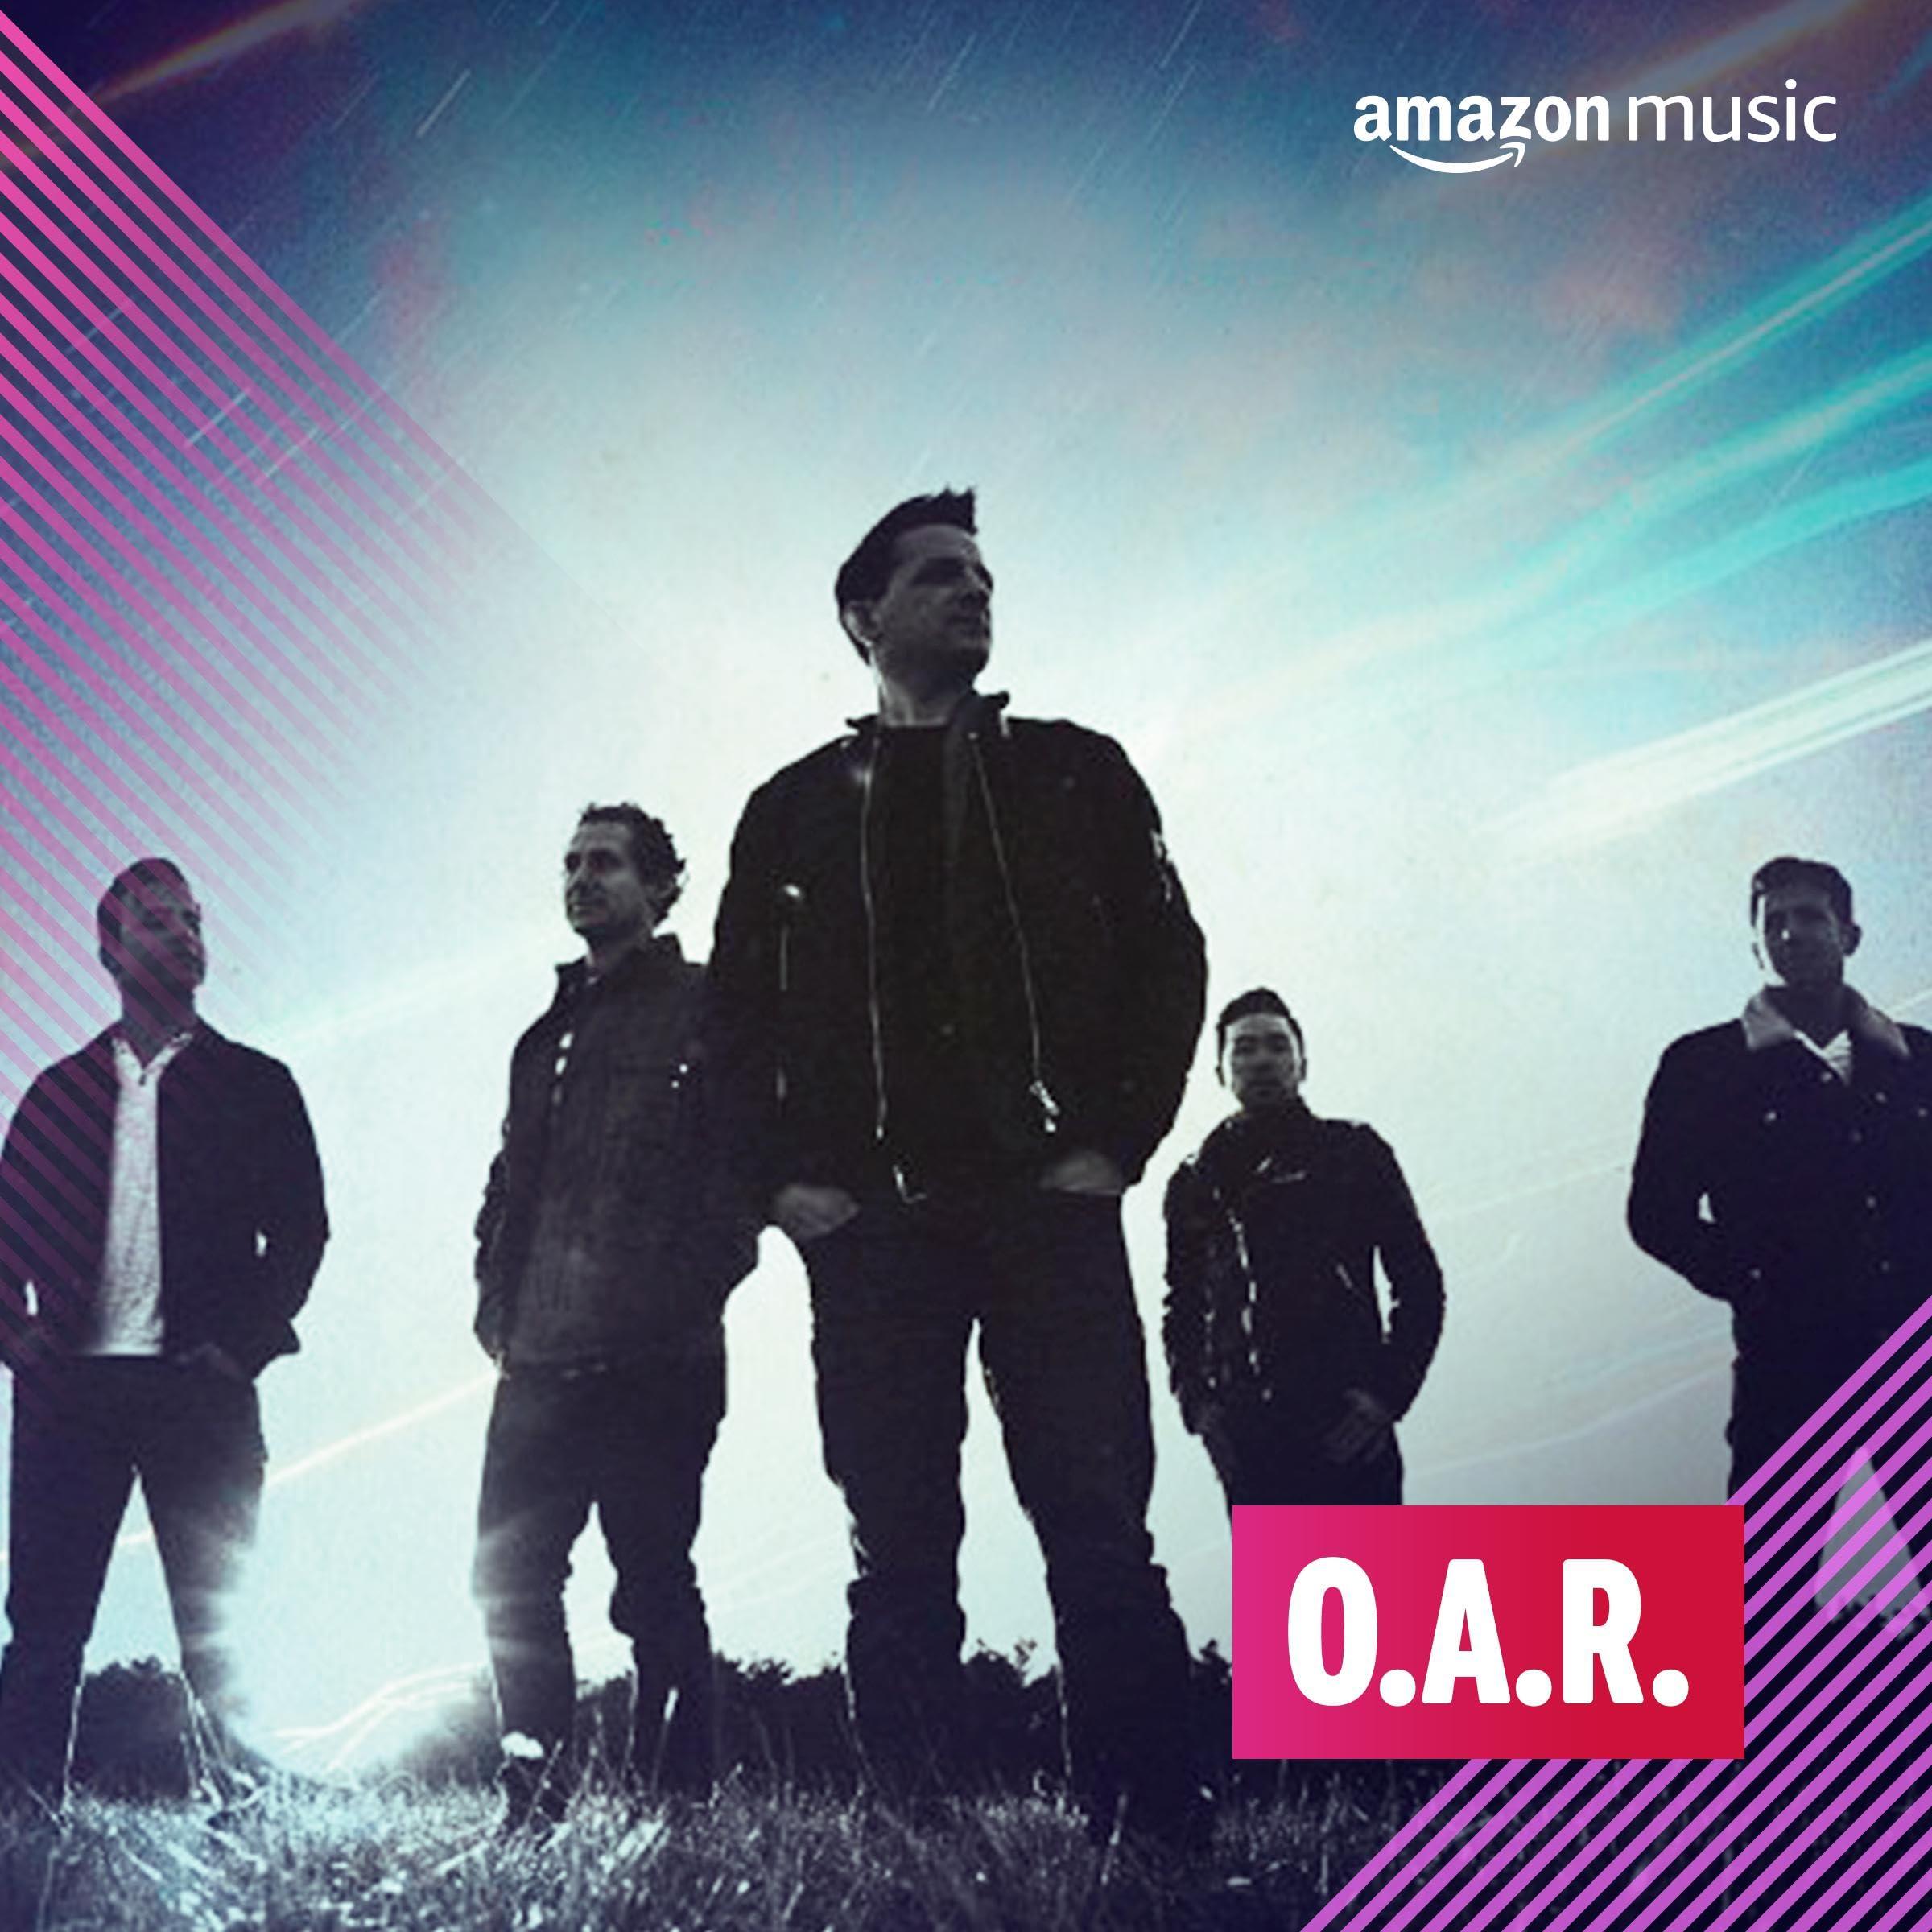 O.A.R. (Of A Revolution)